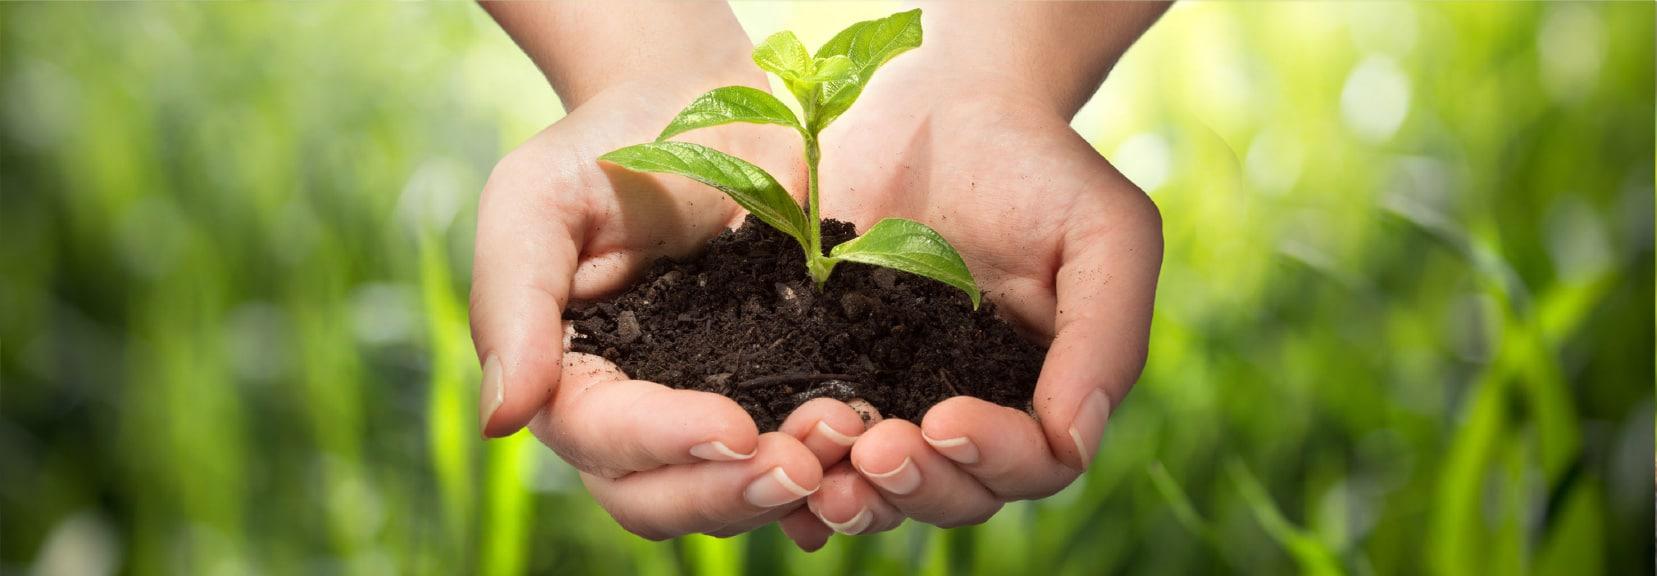 ניהול פרויקטים בתחום איכות הסביבה